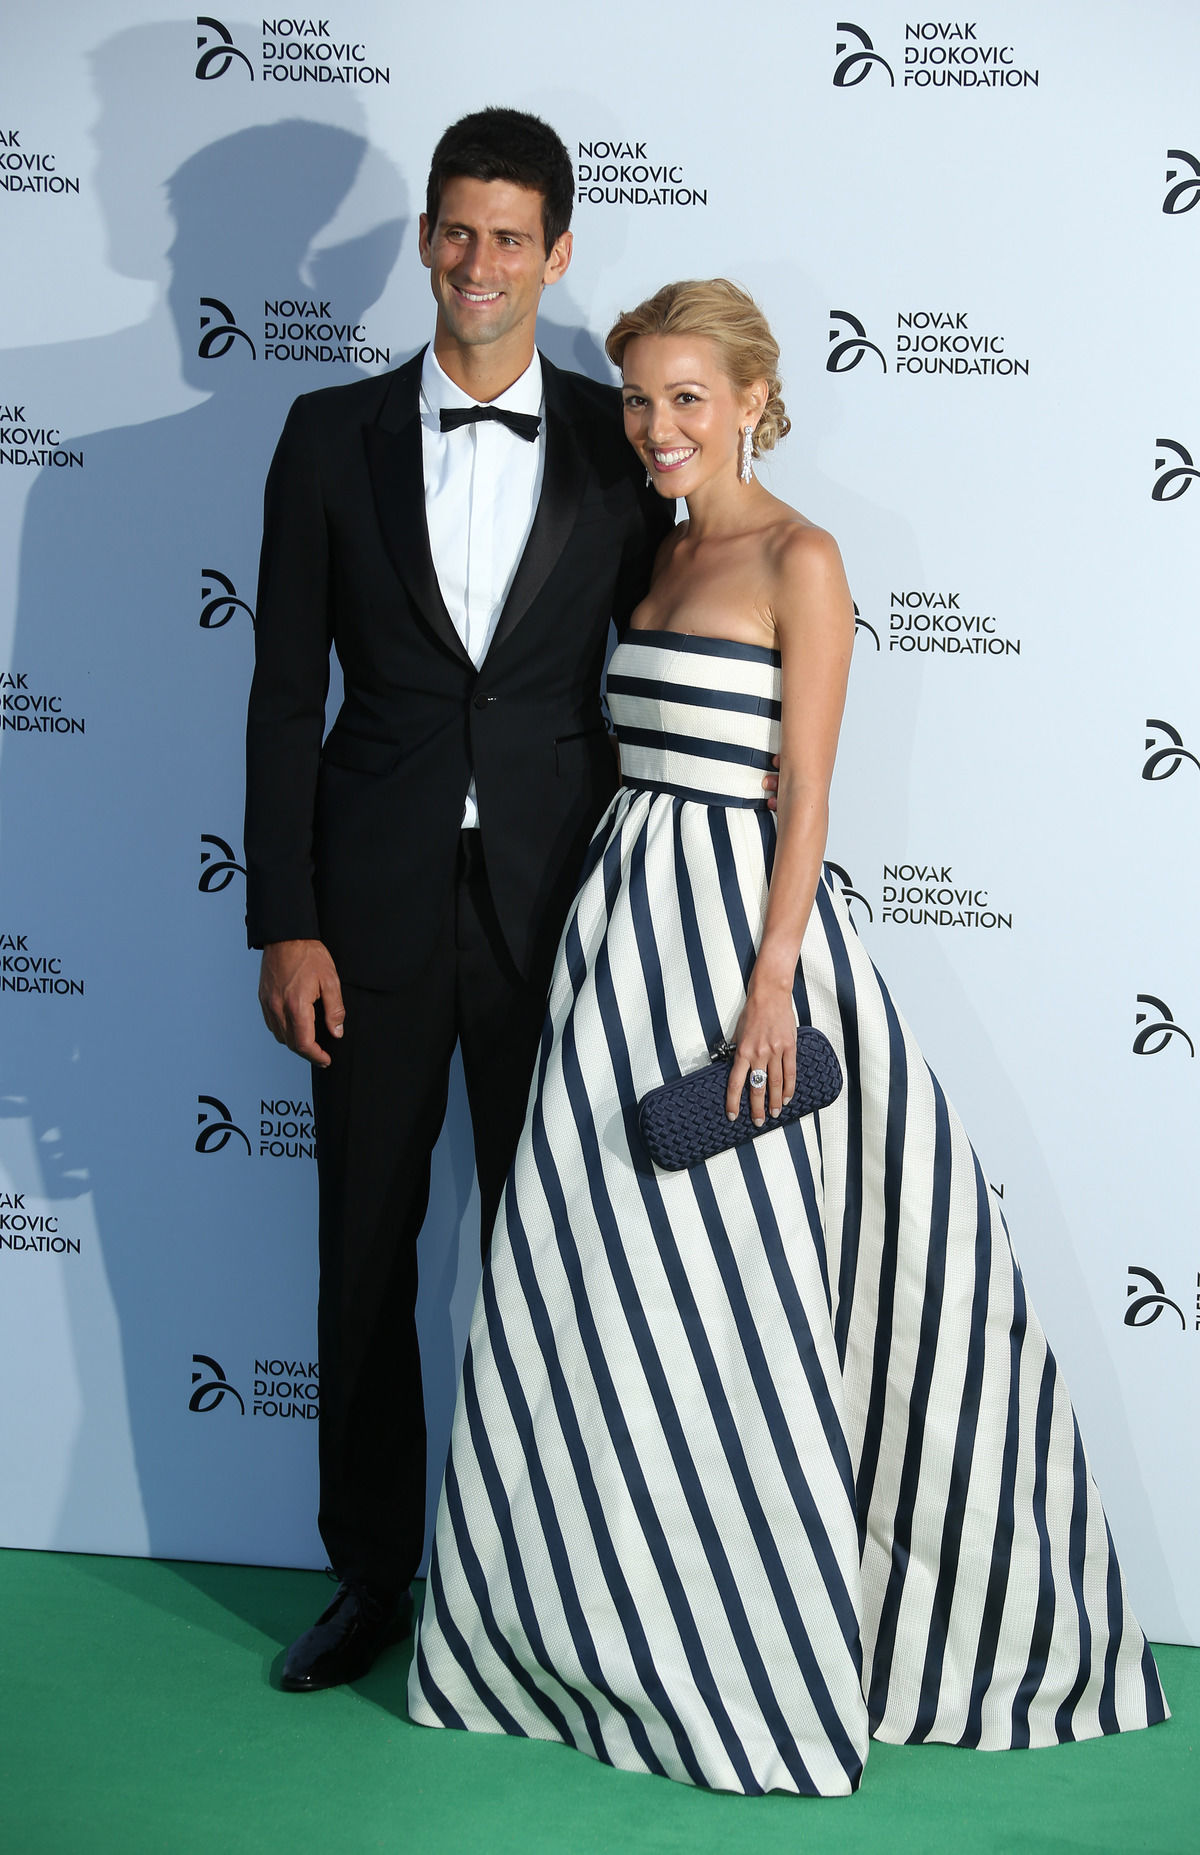 Tenista Novak Djokovič a jeho priateľka Jelena Ristič na benefičnej večeri Djokovičovej nadácie.